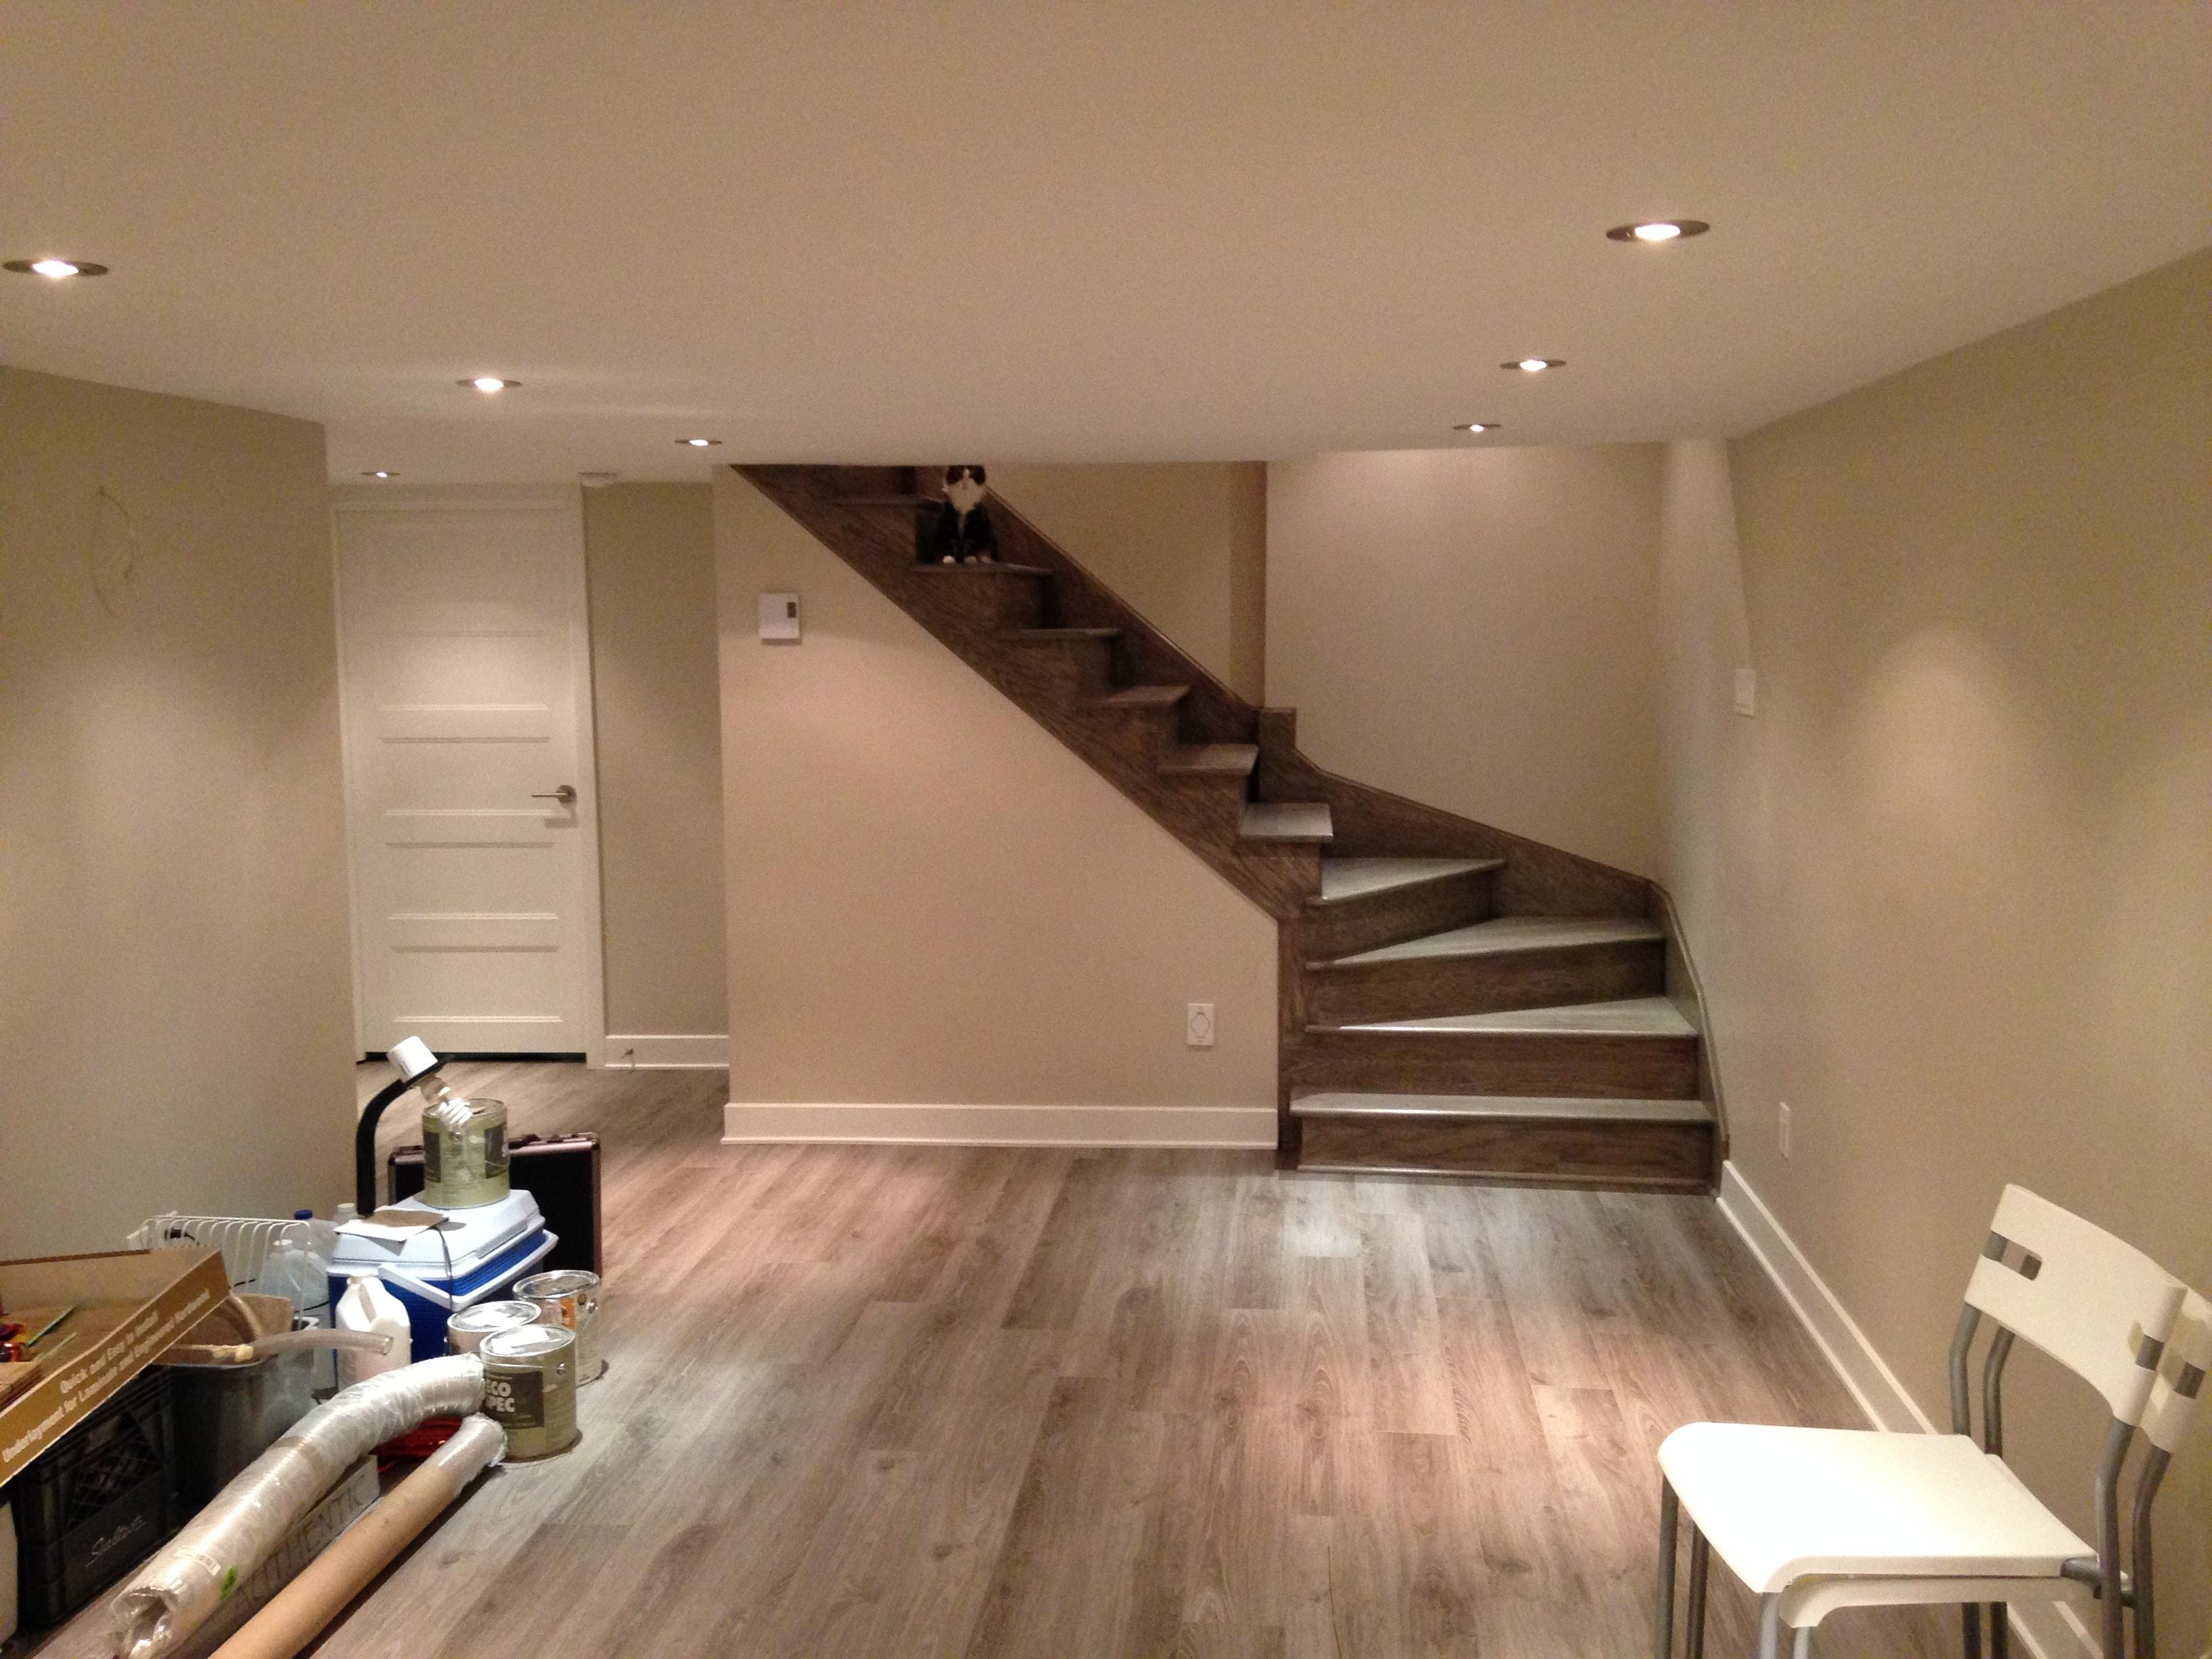 Beau Renovation Sous Sol #15: 01 Escalier